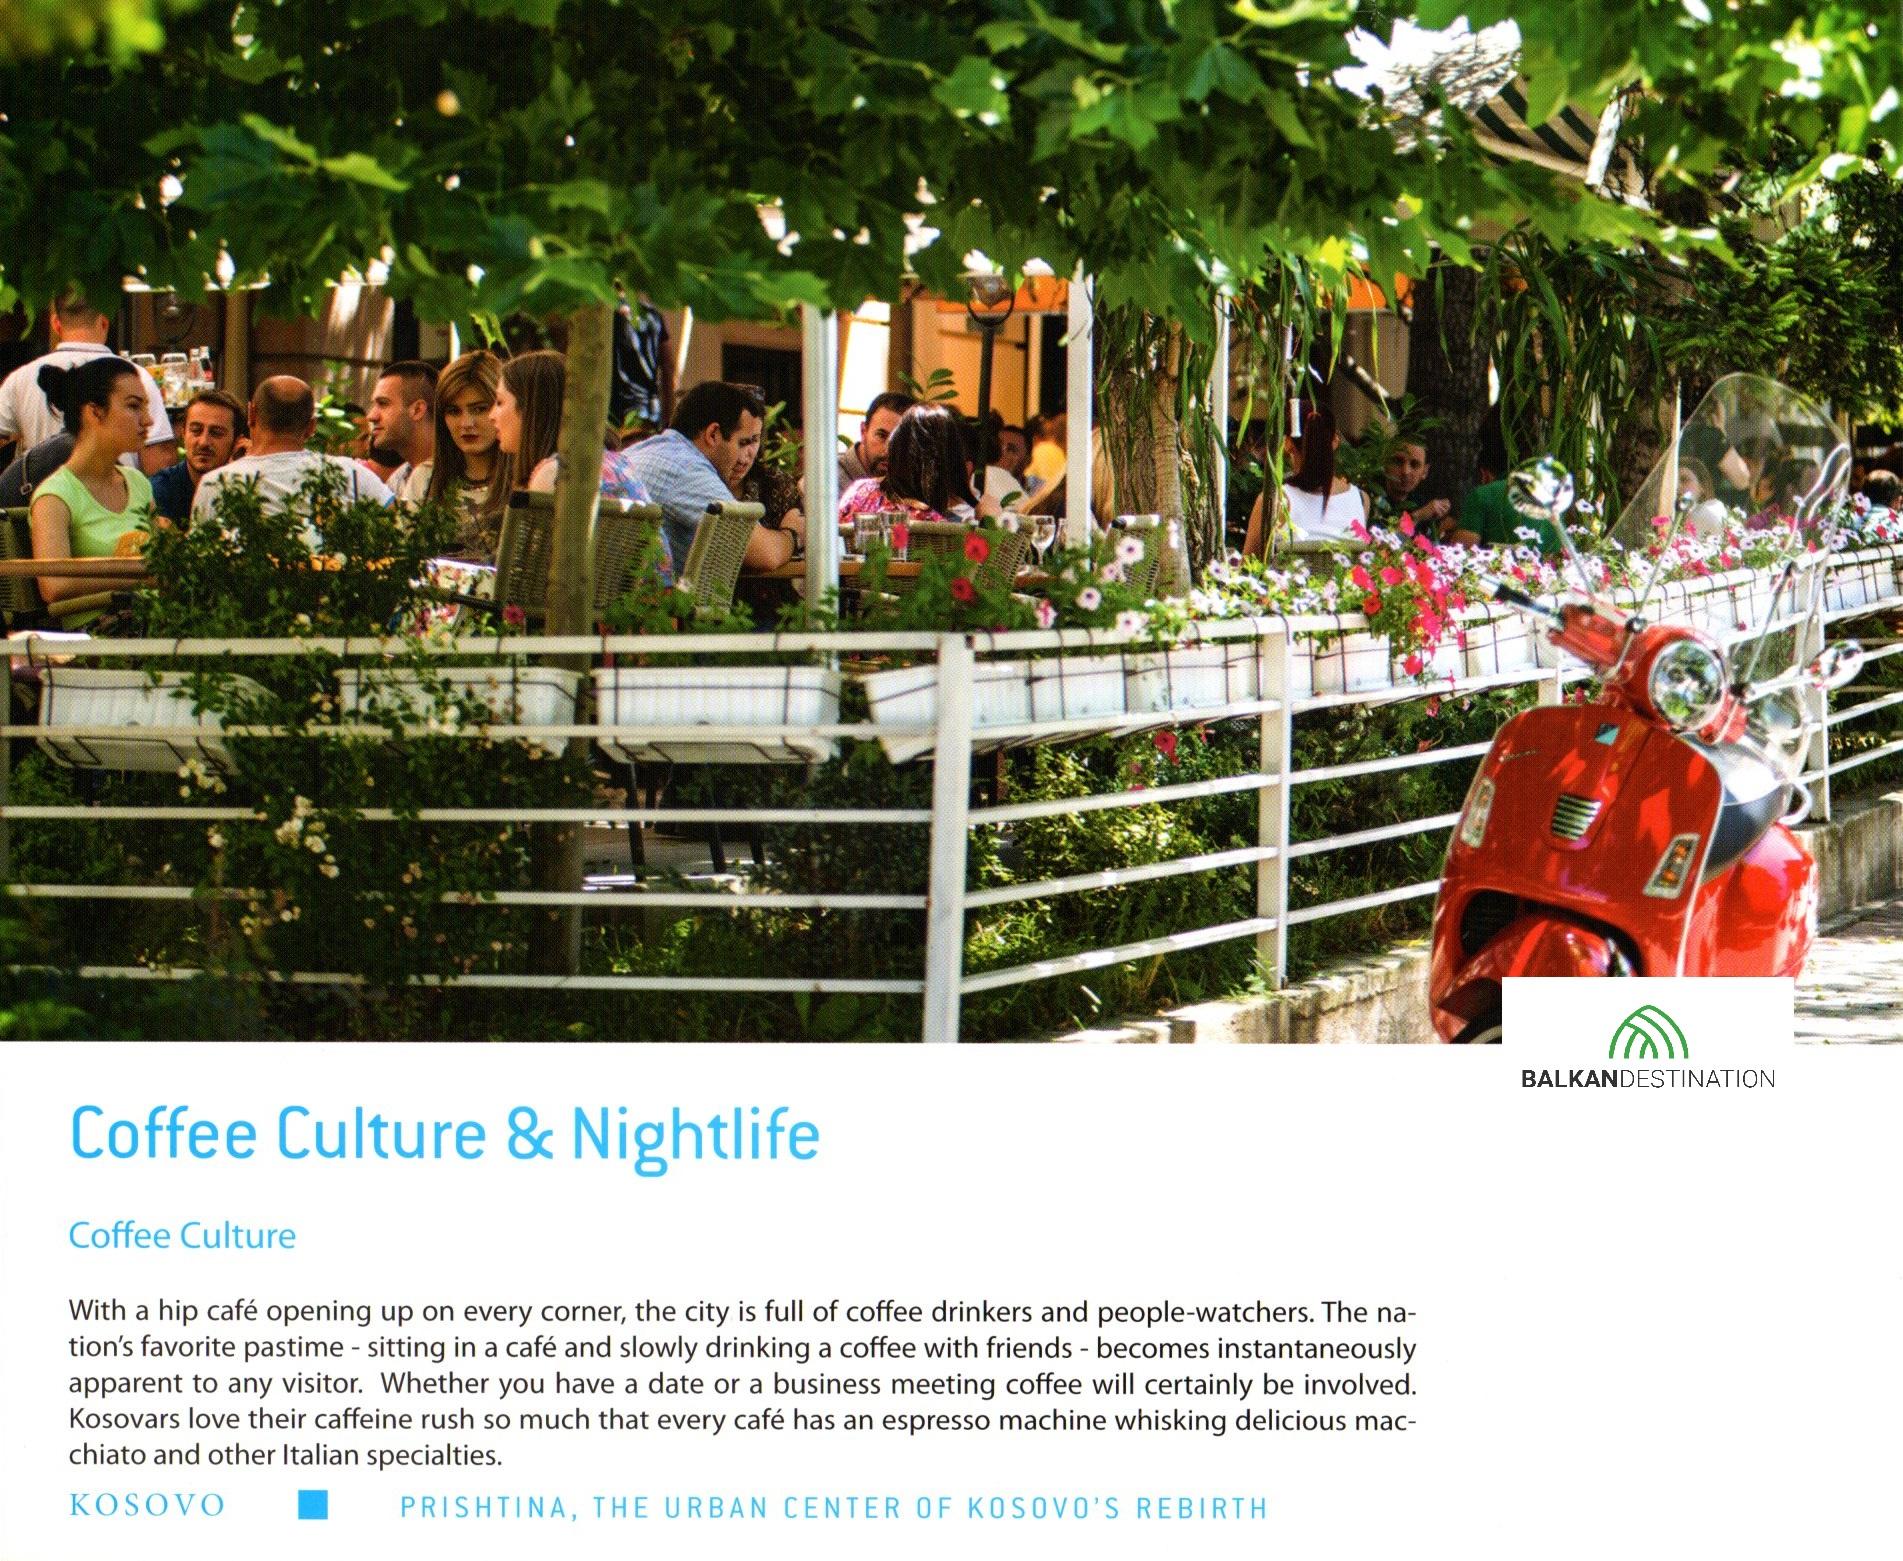 balkandestination pristina kosovo coffe culture